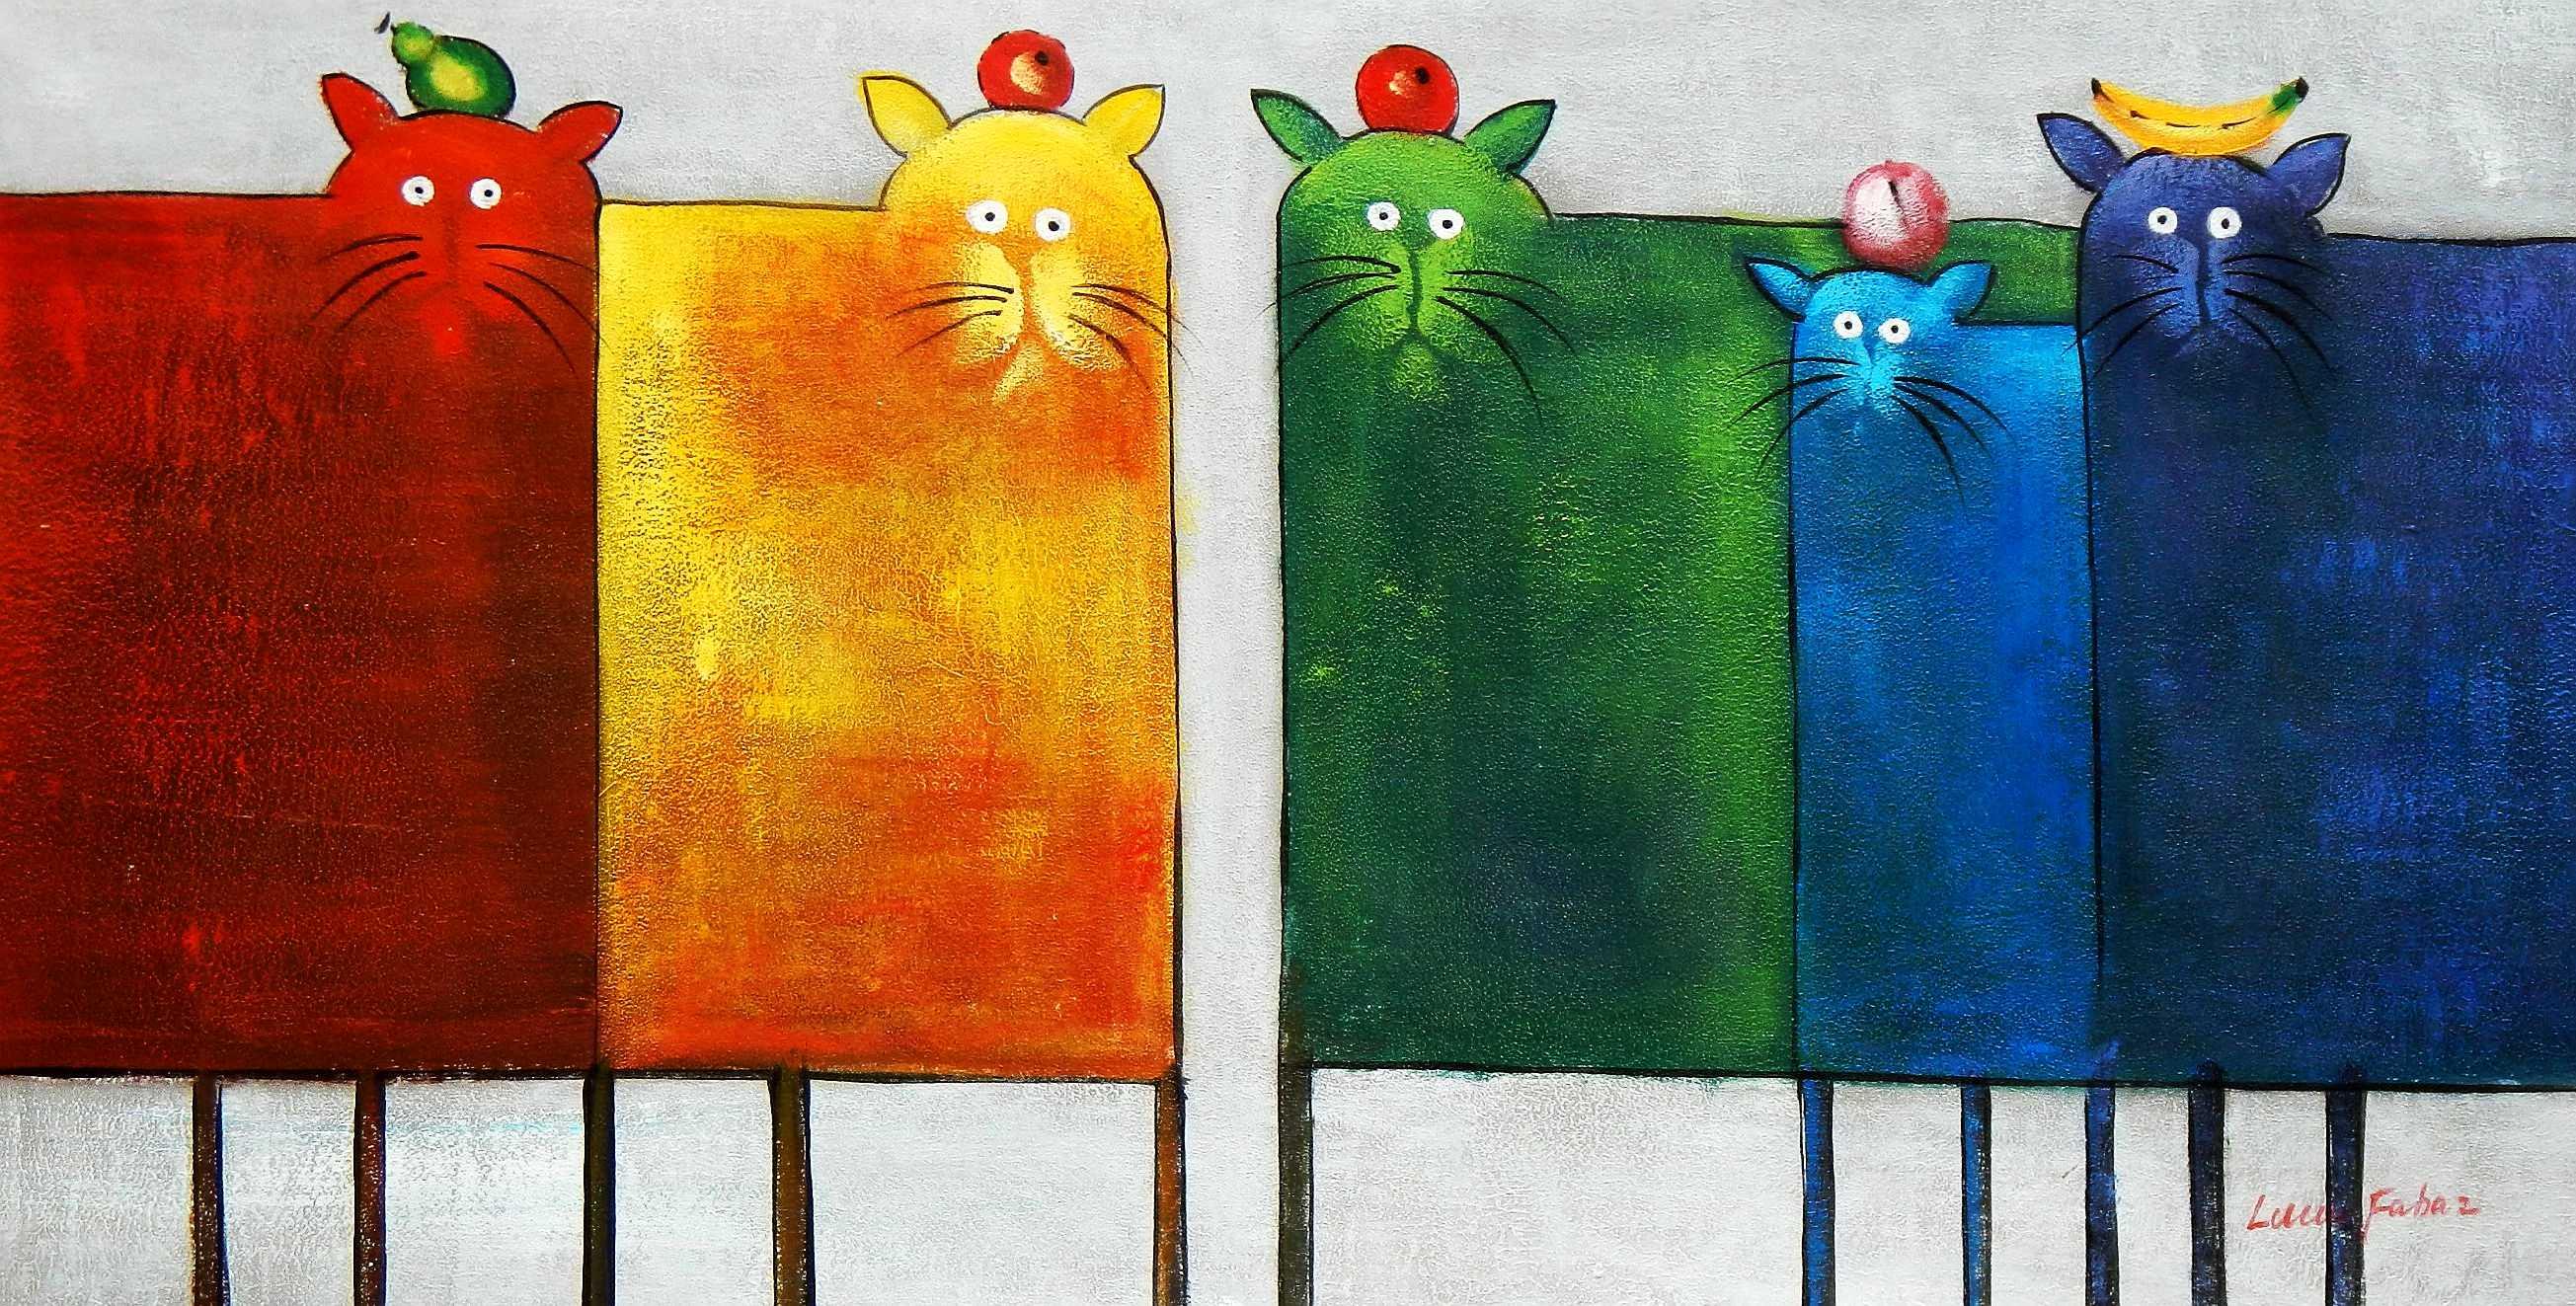 Pop Art - Das lustige bunte Katzenquintett f95854 60x120cm witziges Ölbild